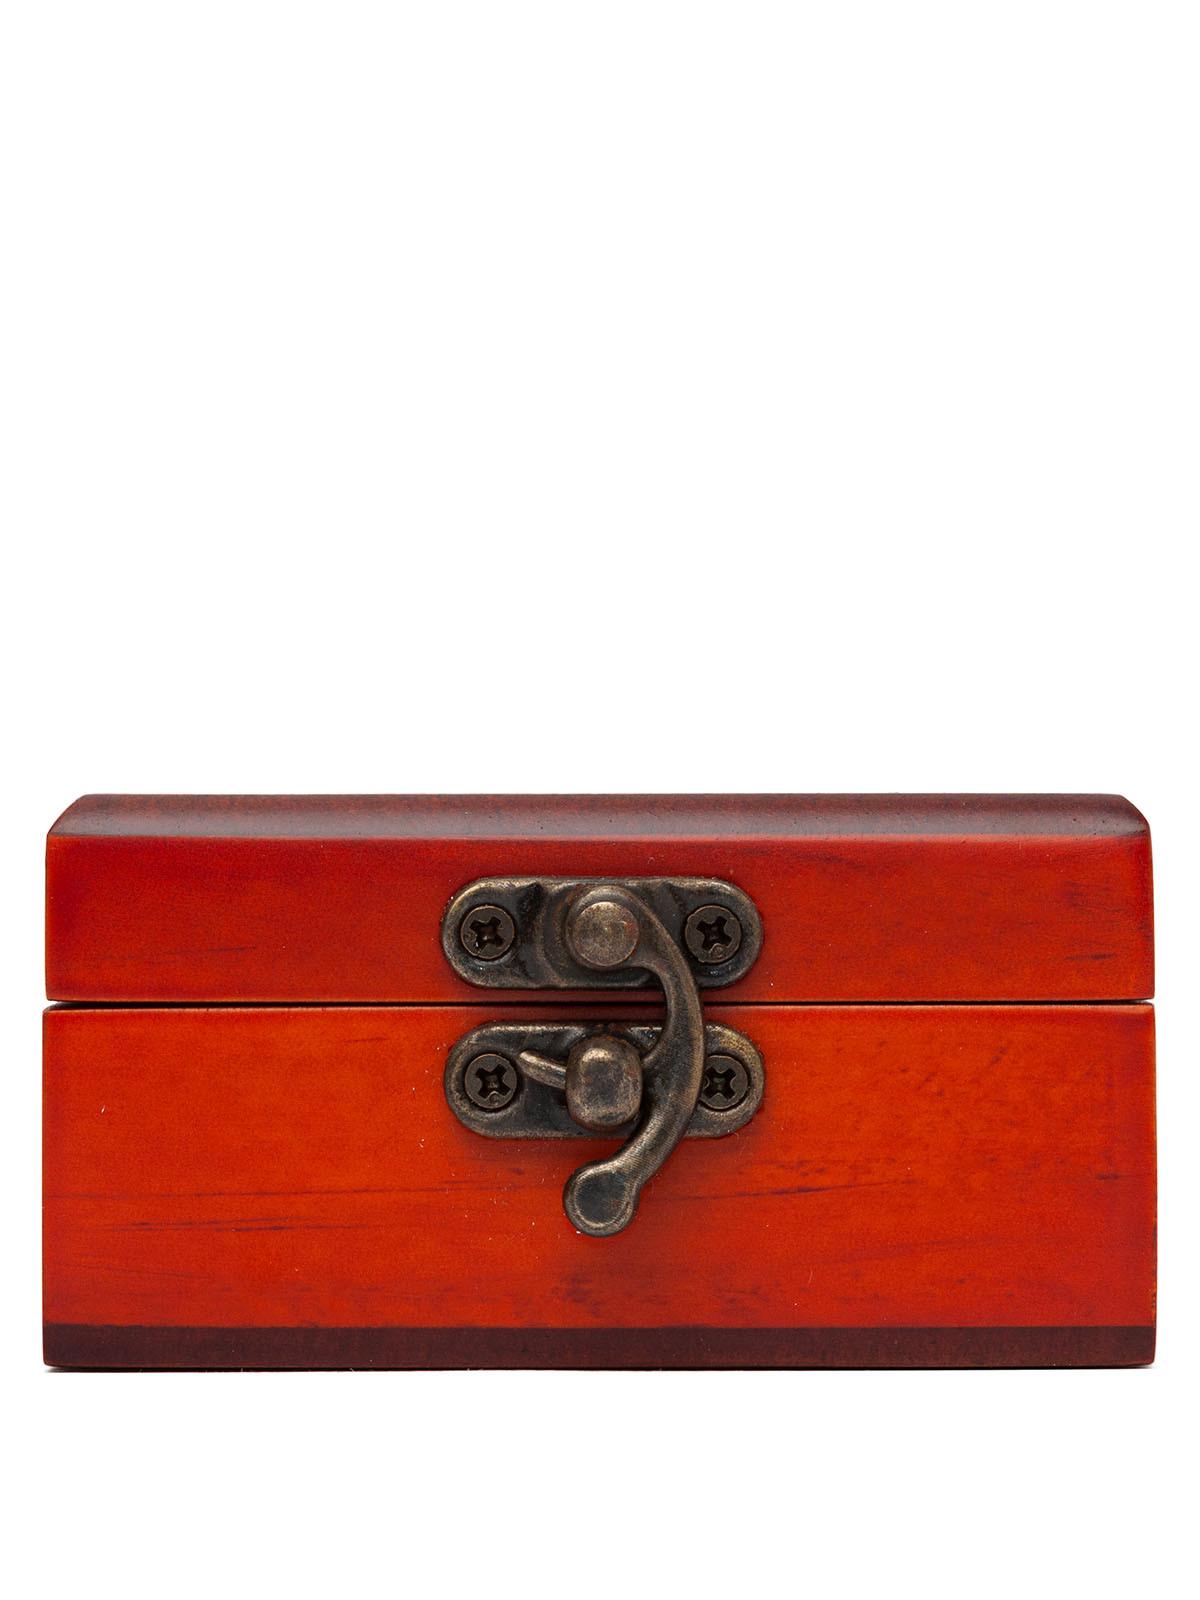 Деревянная шкатулка для украшений и мелких предметов S-518 коричневый